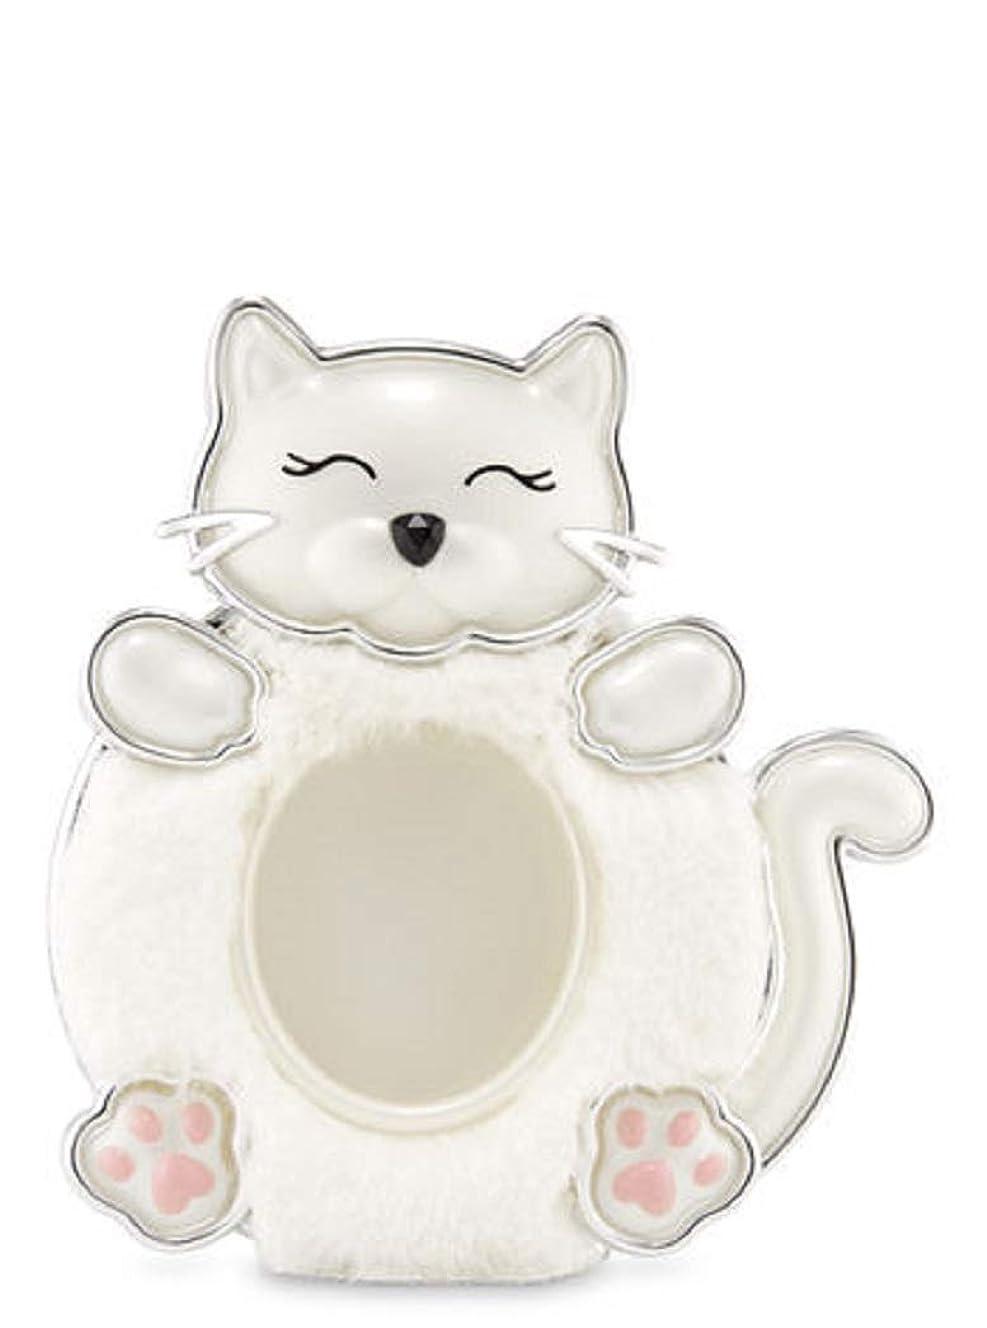 文明オプショナル樹皮【Bath&Body Works/バス&ボディワークス】 クリップ式芳香剤 セントポータブル ホルダー (本体ケースのみ) 白猫 Scentportable Holder Fuzzy Kitty [並行輸入品]